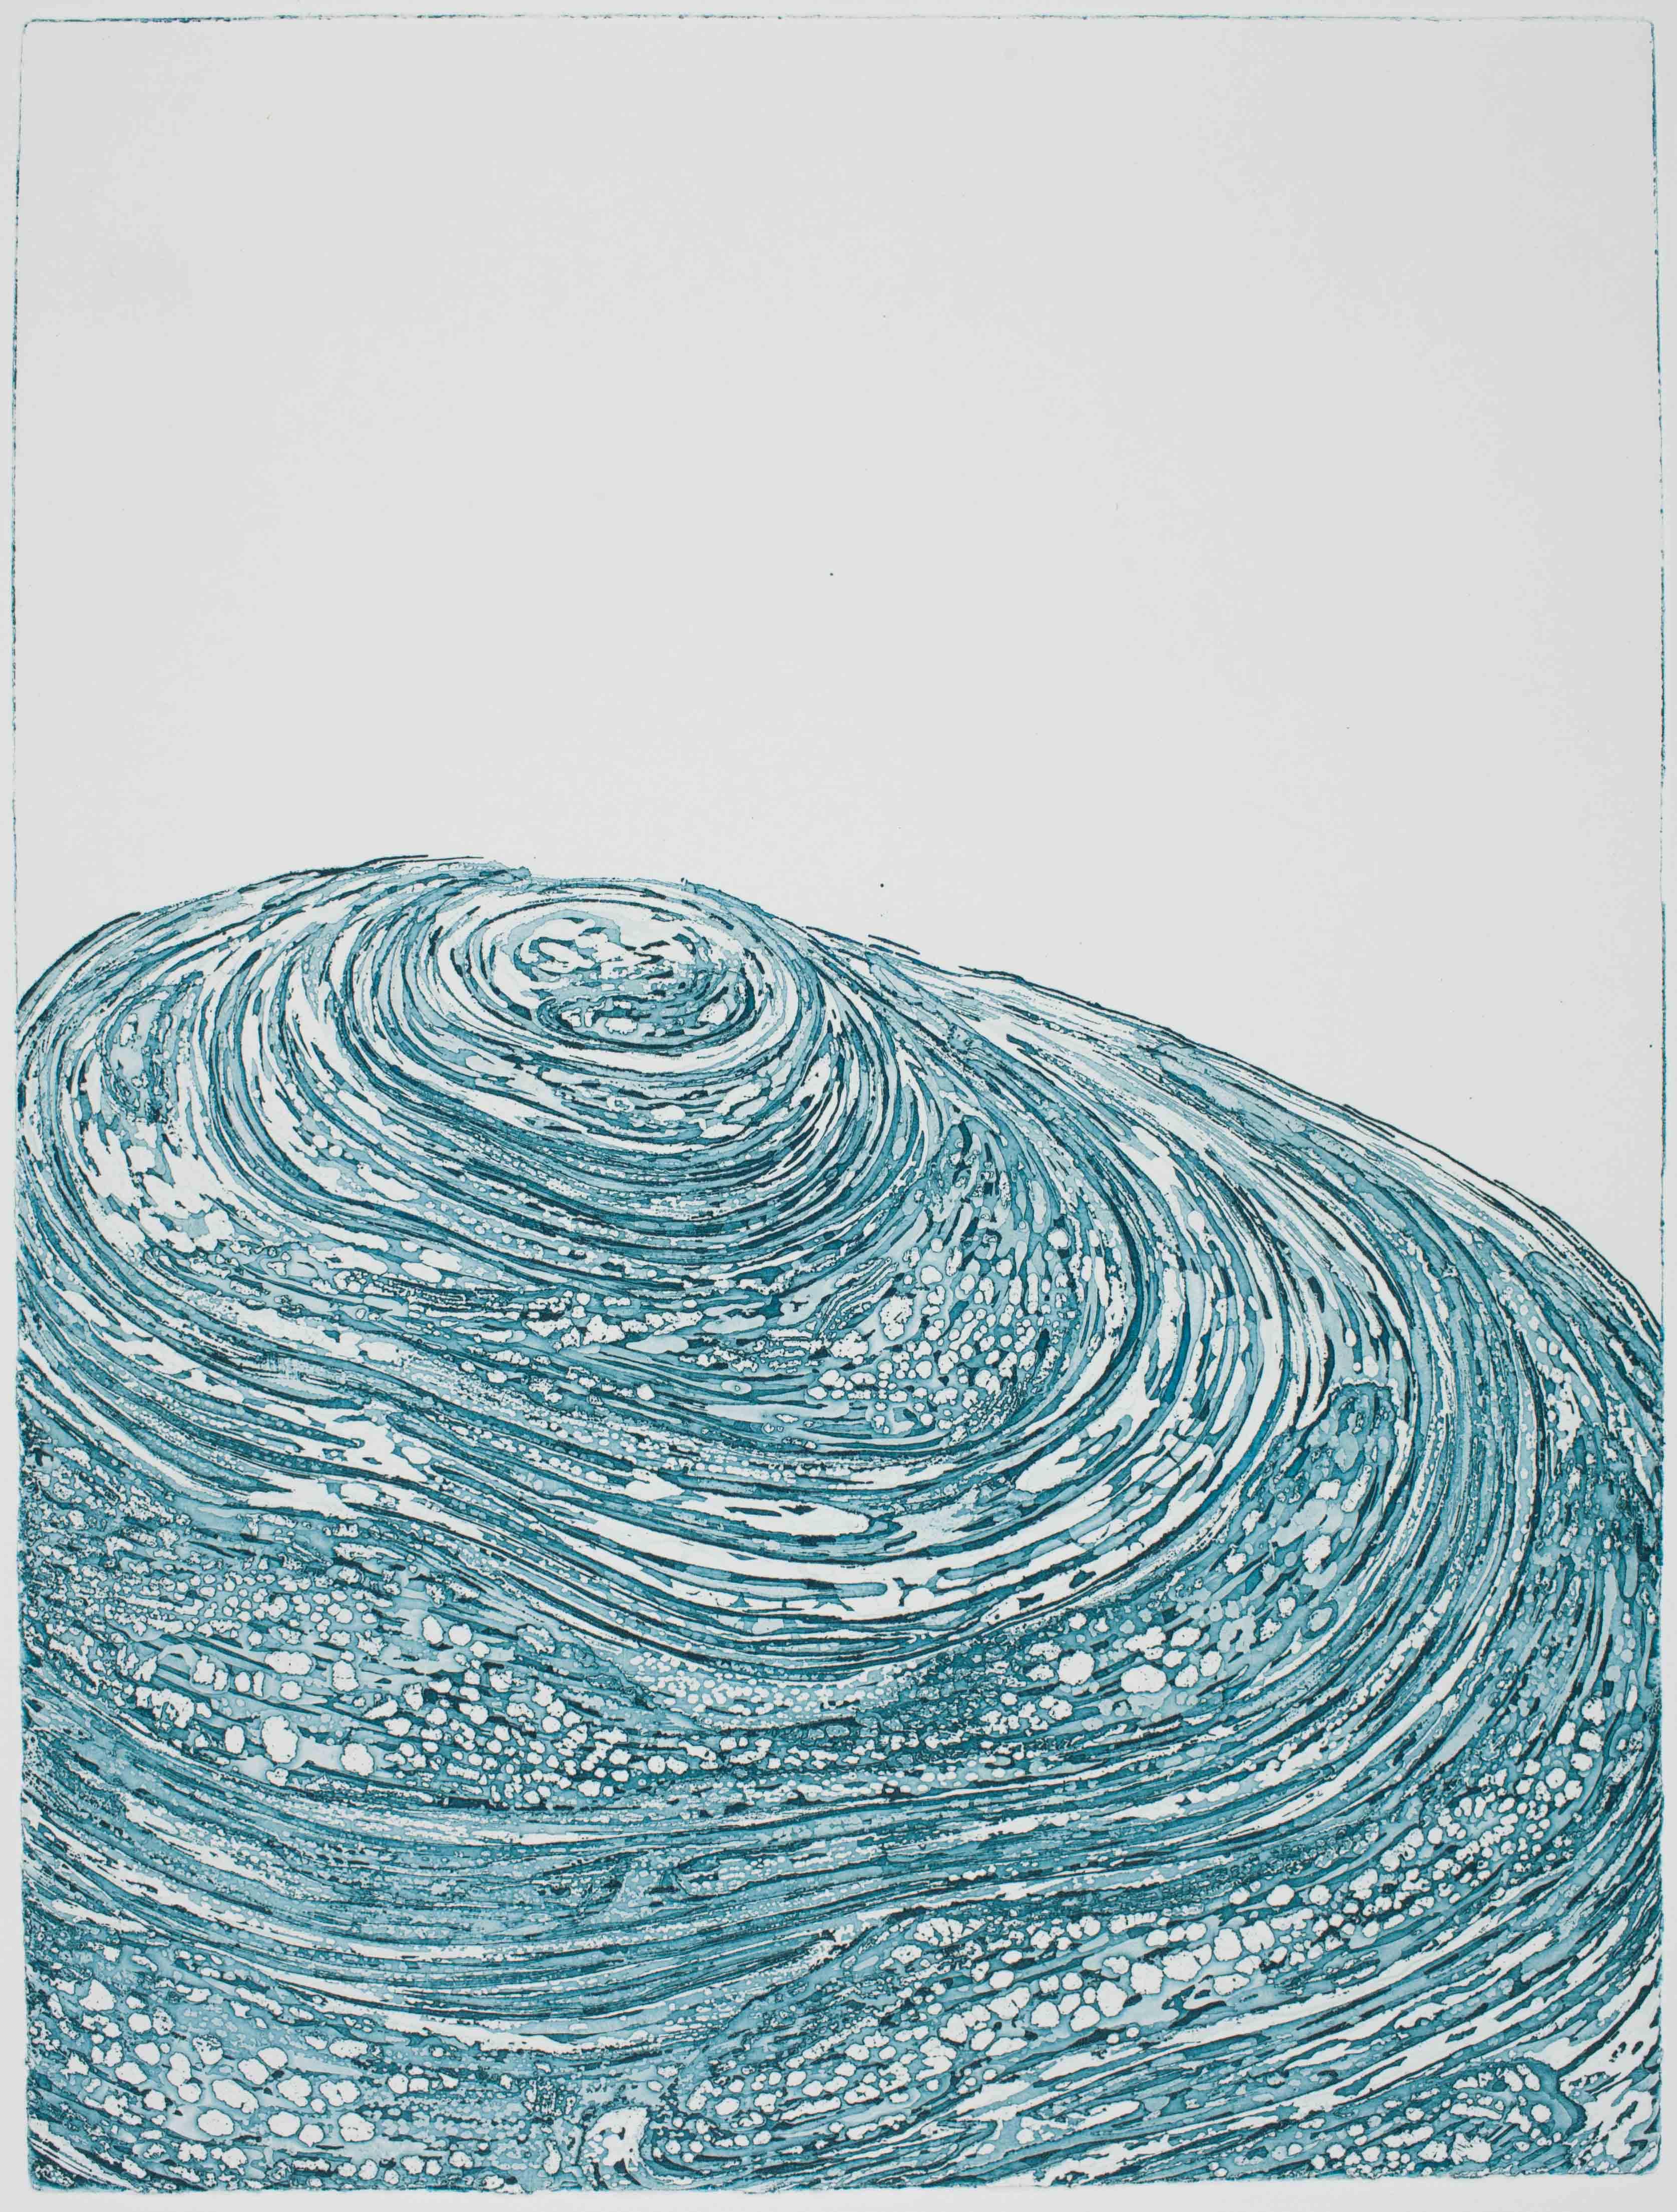 Strudeltapser Ⅱ, 2017 | etching: sugar lift, open bite | 24 × 21,2 cm